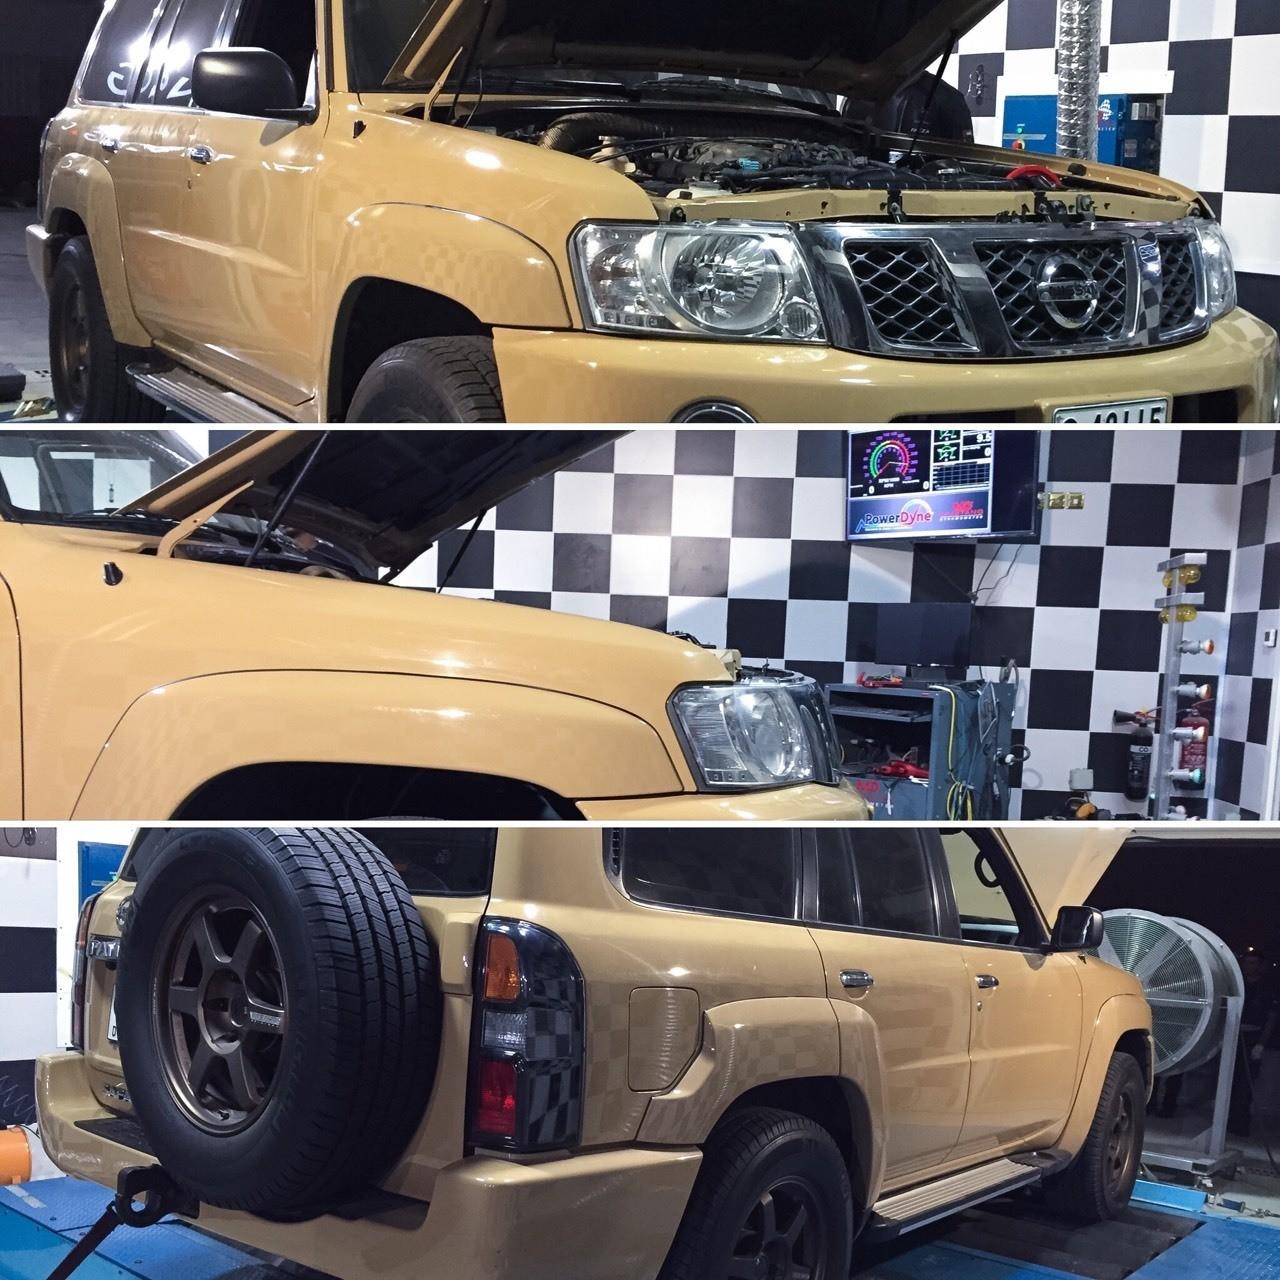 Nissan patrol turbo kit by NAS RACING DUBAI